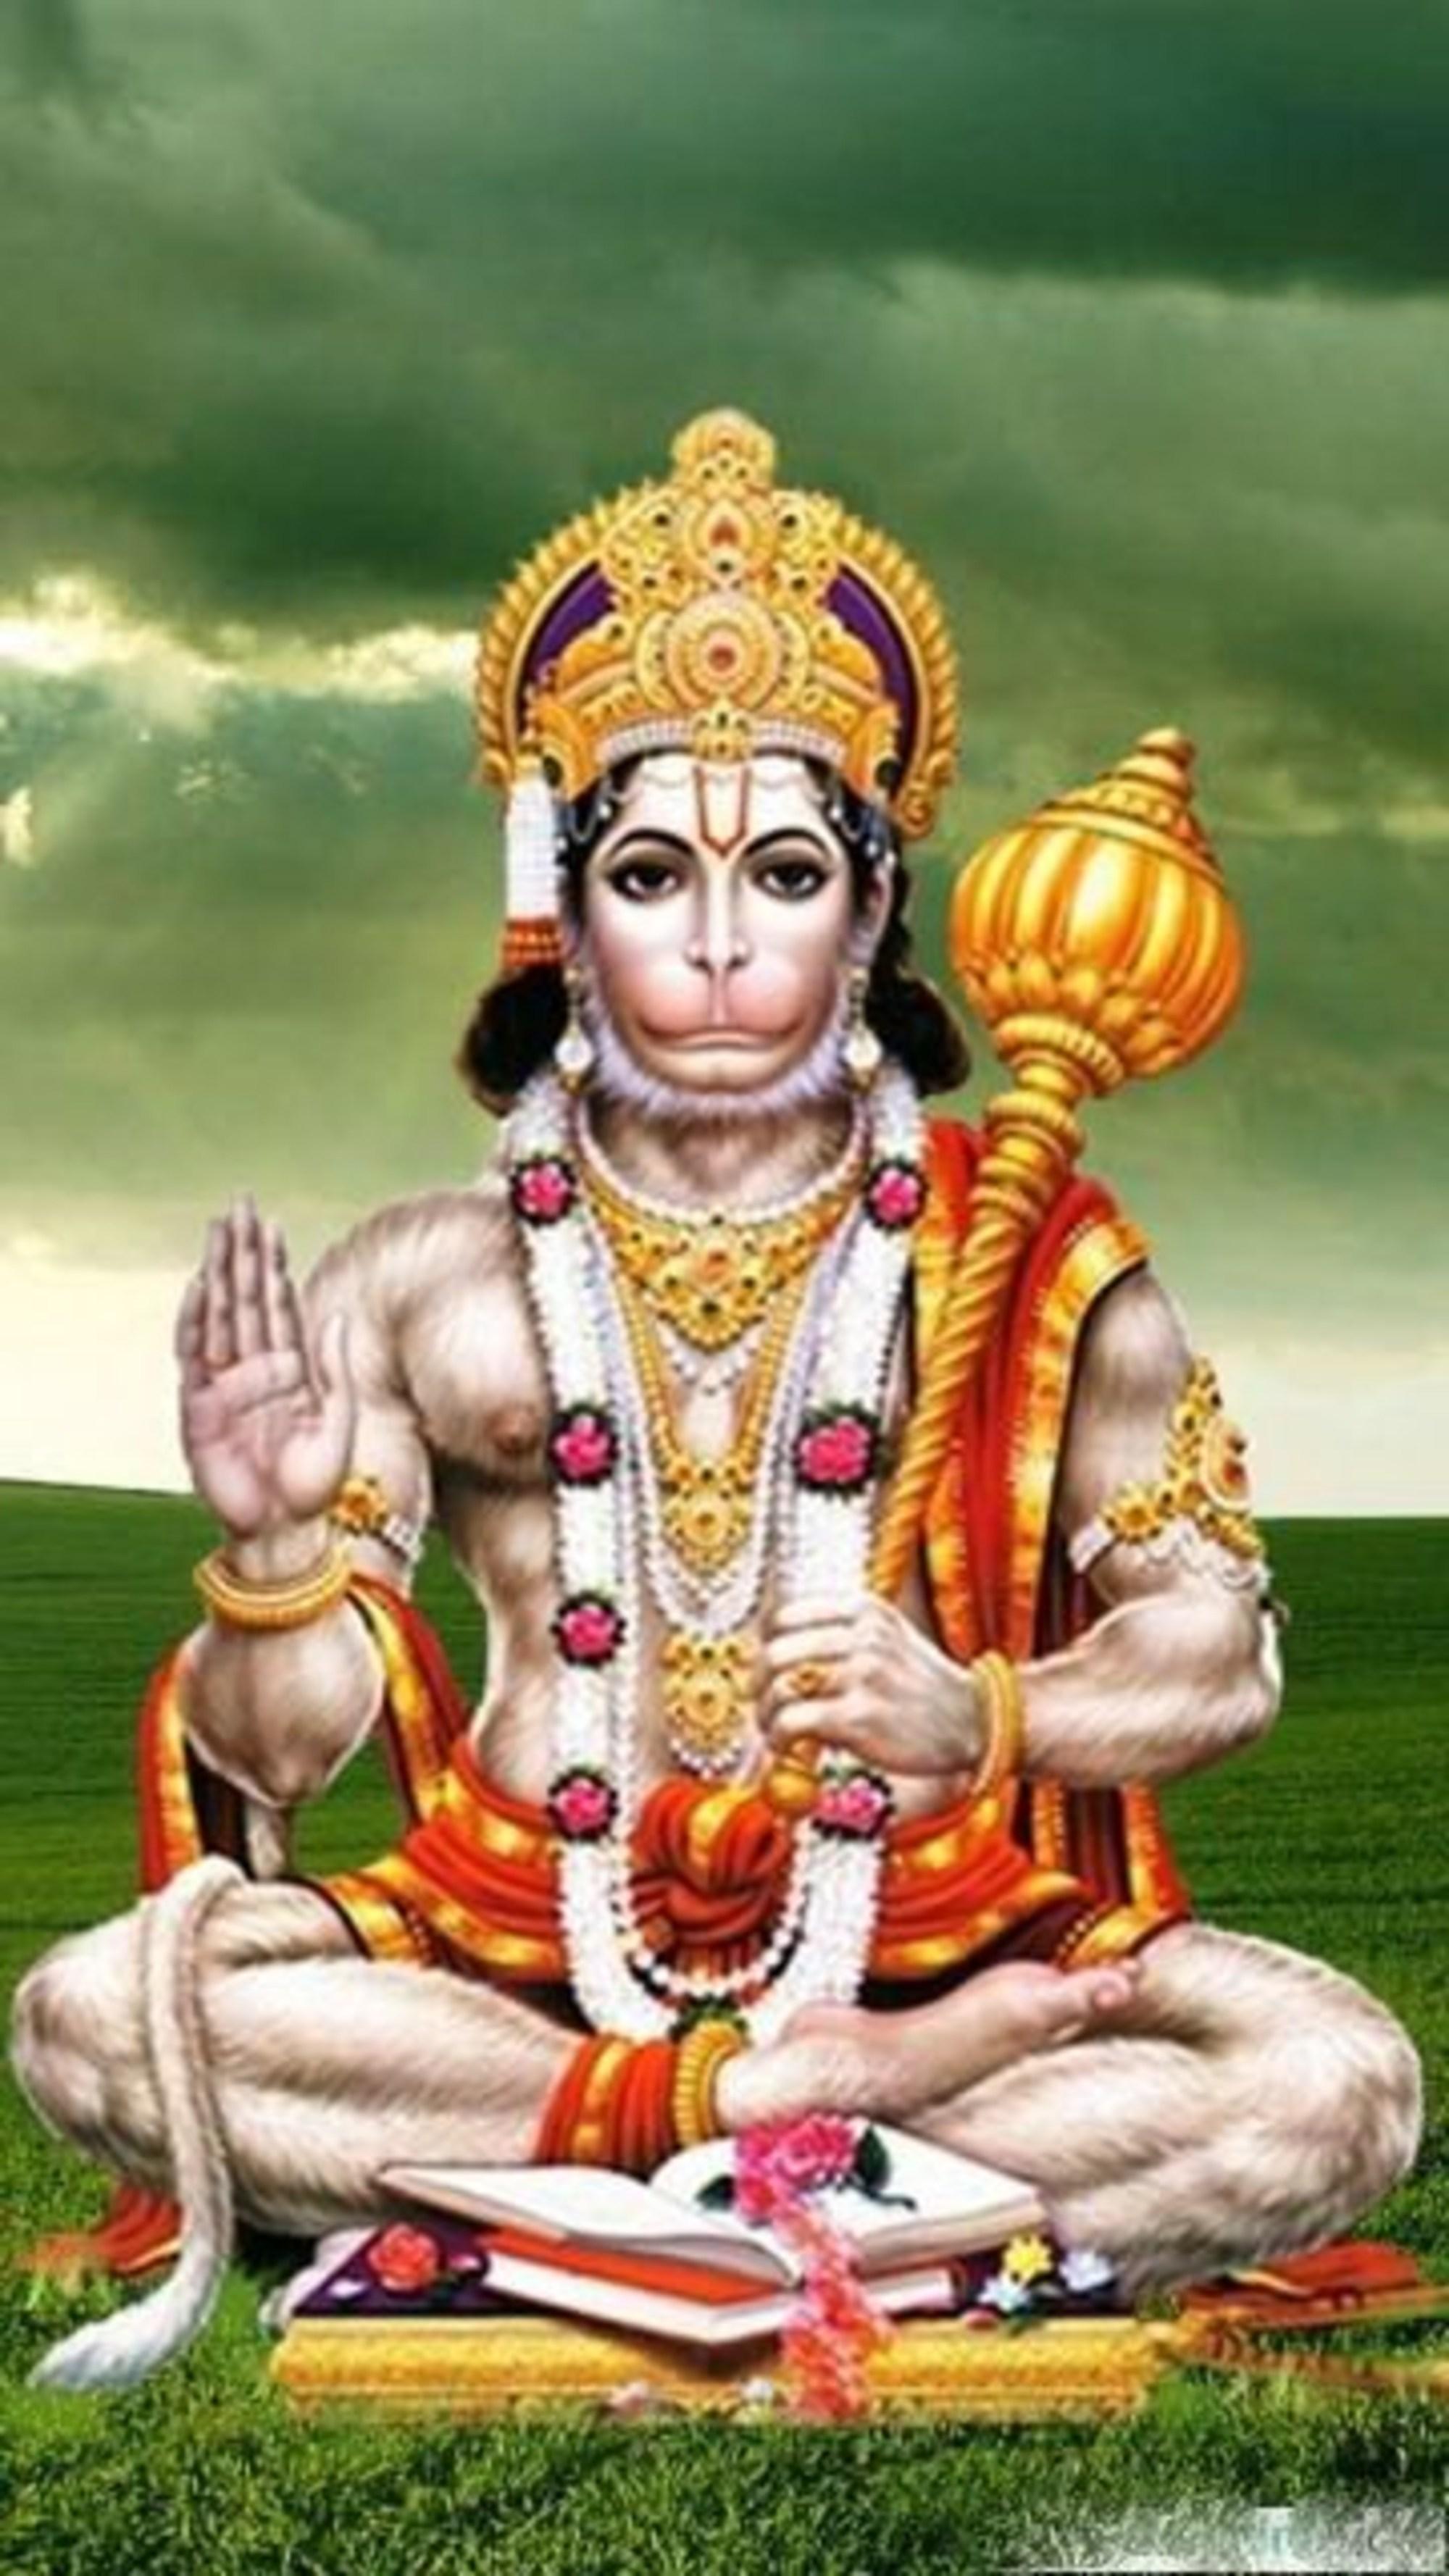 jai hanuman wallpaper hd posted by sarah thompson jai hanuman wallpaper hd posted by